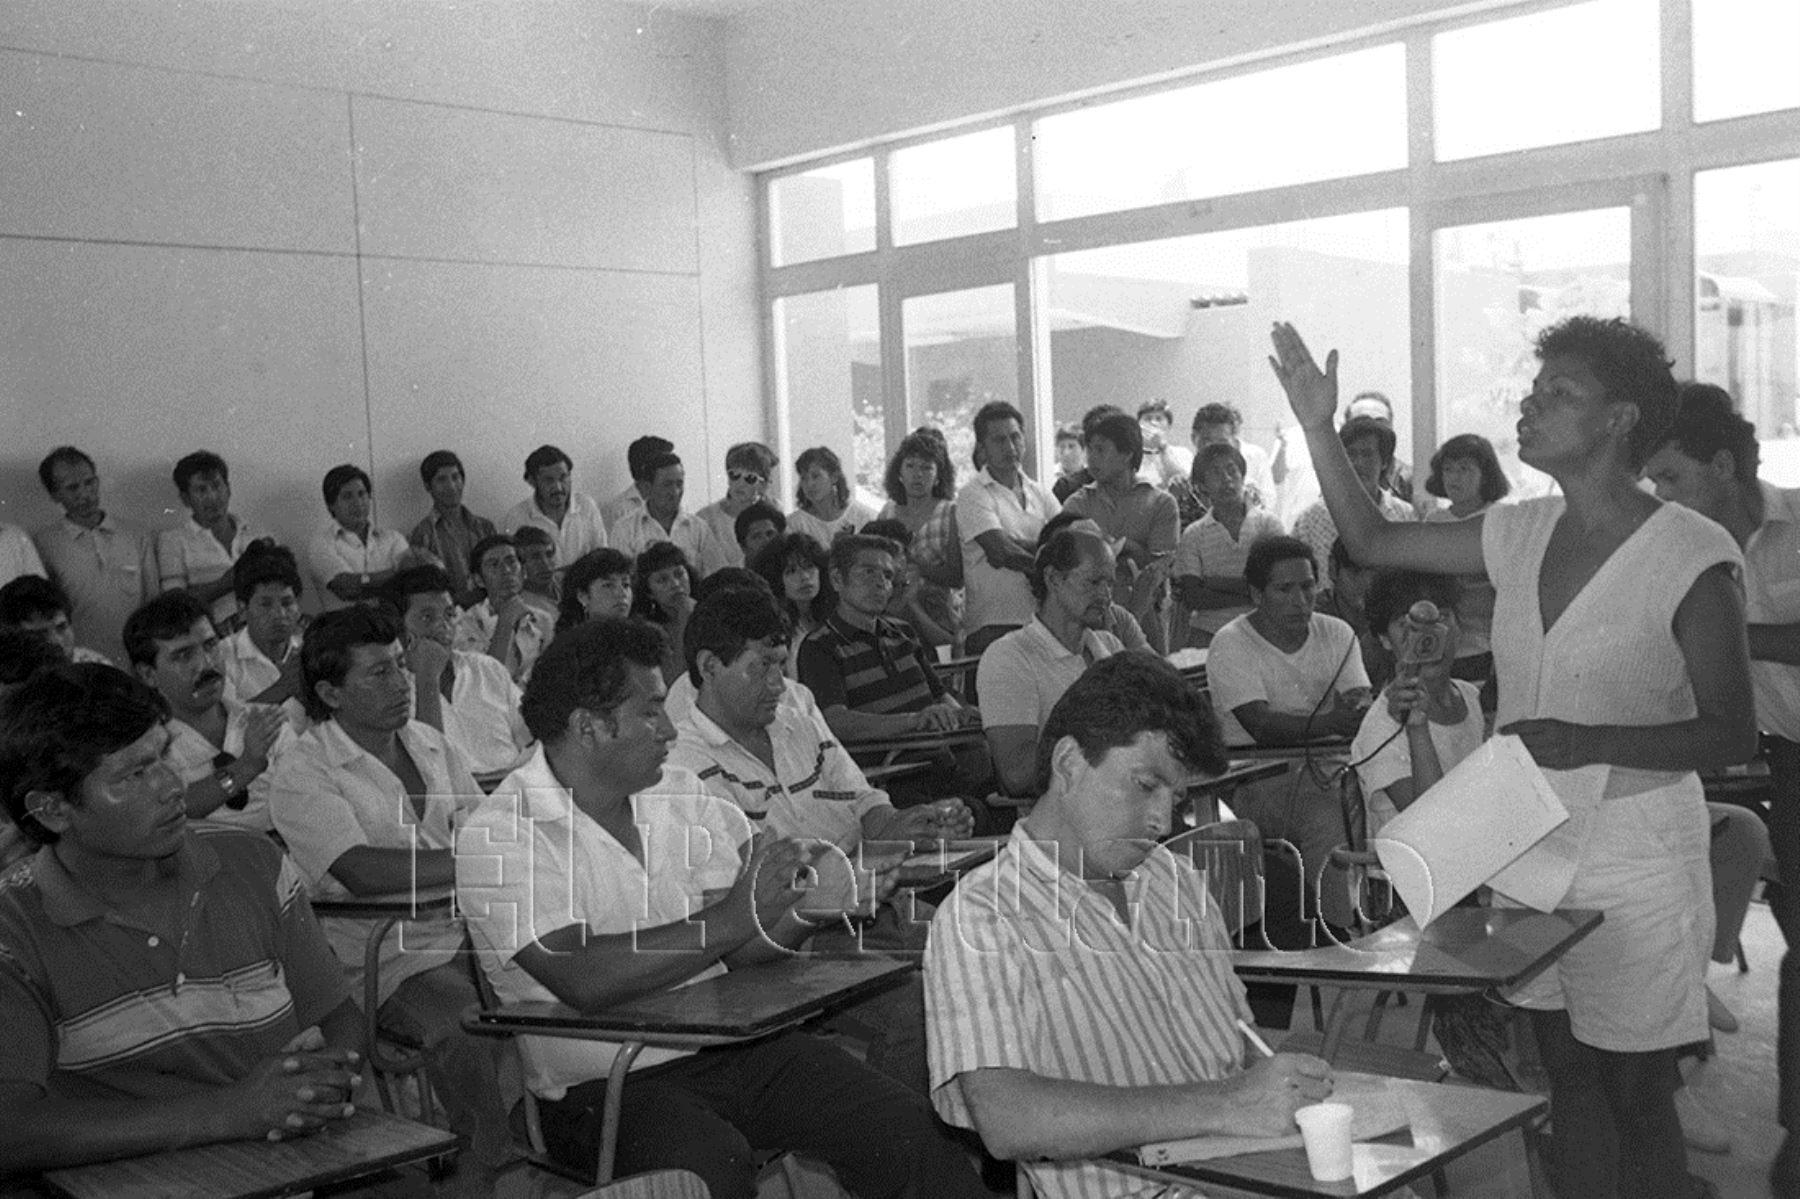 1992. María Elena Moyano, teniente alcaldesa de Villa el Salvador, dirigente y activista social, destacó por su férrea oposición a Sendero Luminoso y su prédica a favor del desarrollo por medio de la paz. Fue asesinada brutalmente por los terroristas en febrero de 1992.